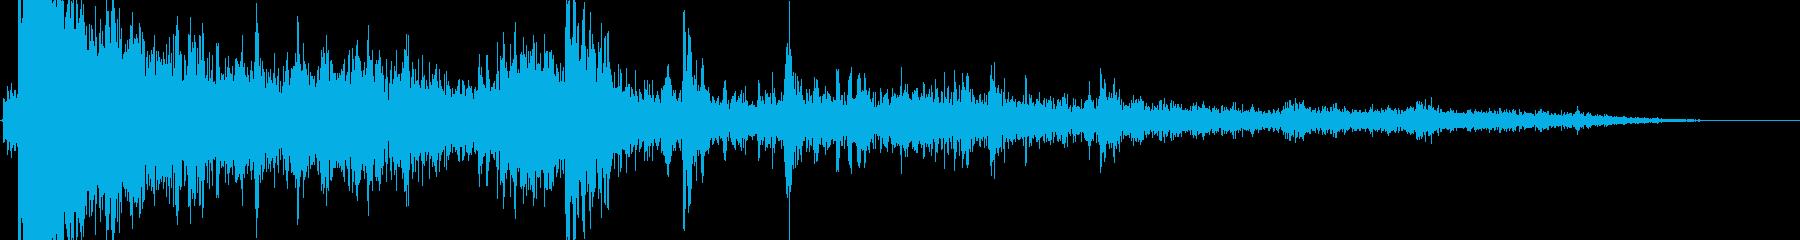 ど〜ン!!(強烈な雷)の再生済みの波形